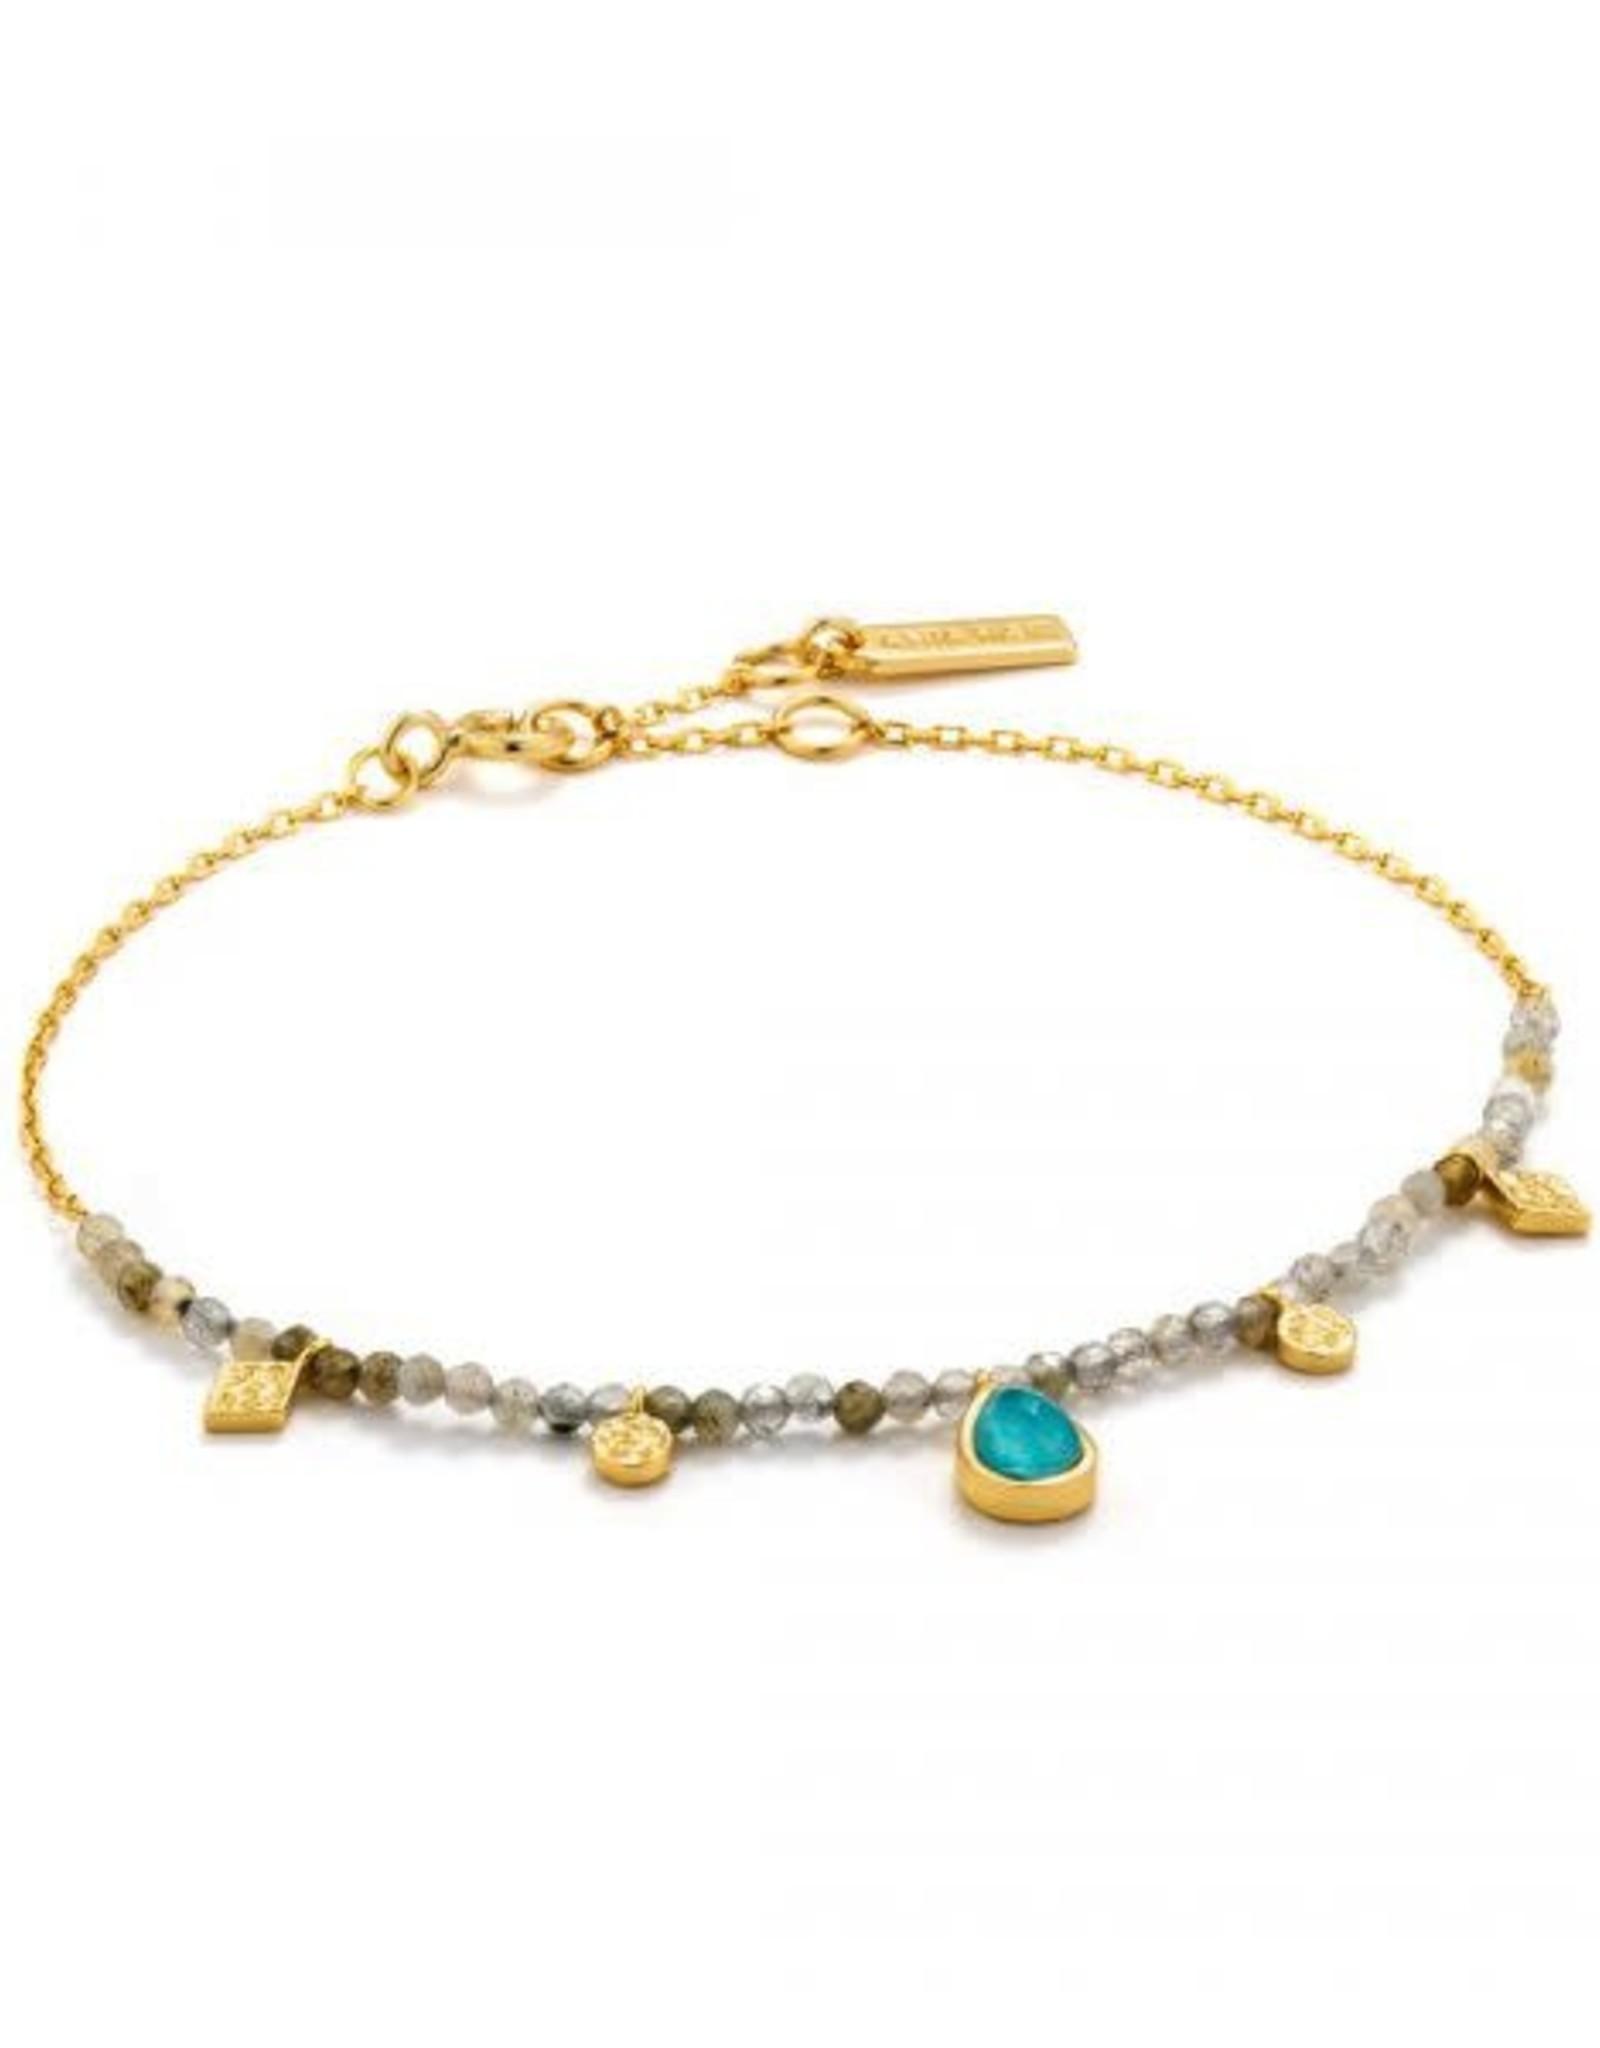 Ania Haie Ania Haie - Turquoise labradorite bracelet gold